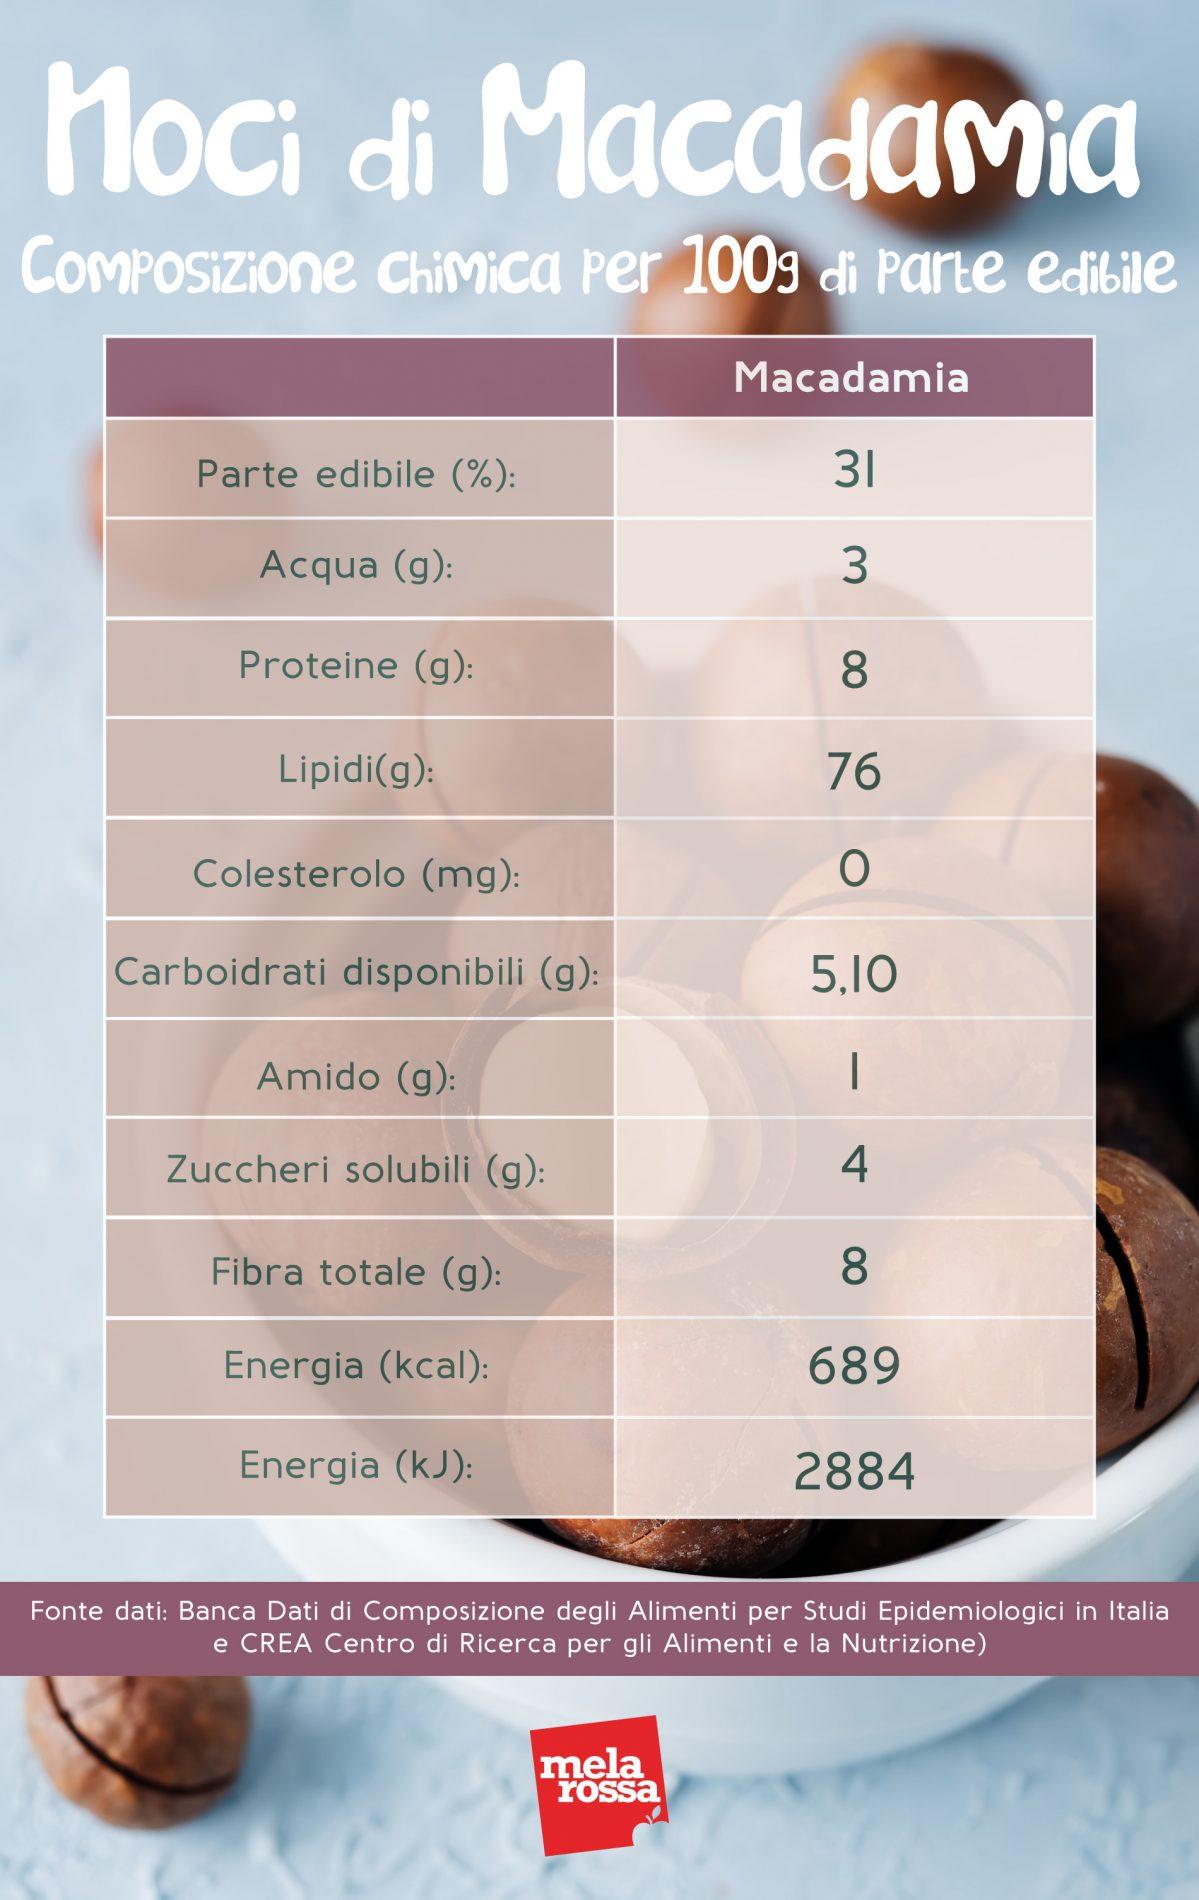 noci di macadamia: composizione chimica